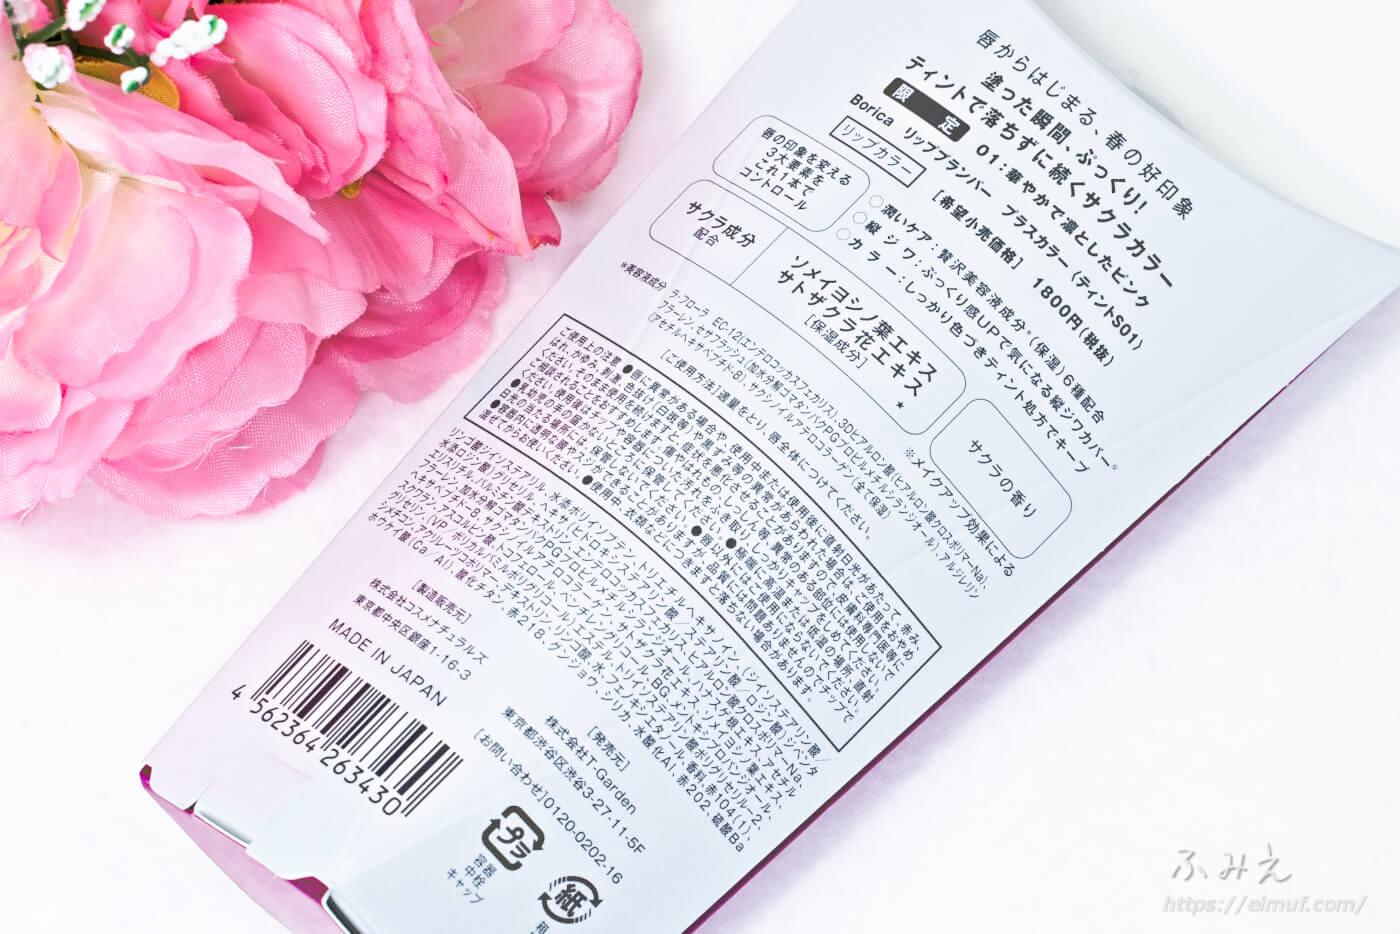 ボリカ リッププランパ― サクラティント #01(華やかで凛としたピンク) パッケージ裏面